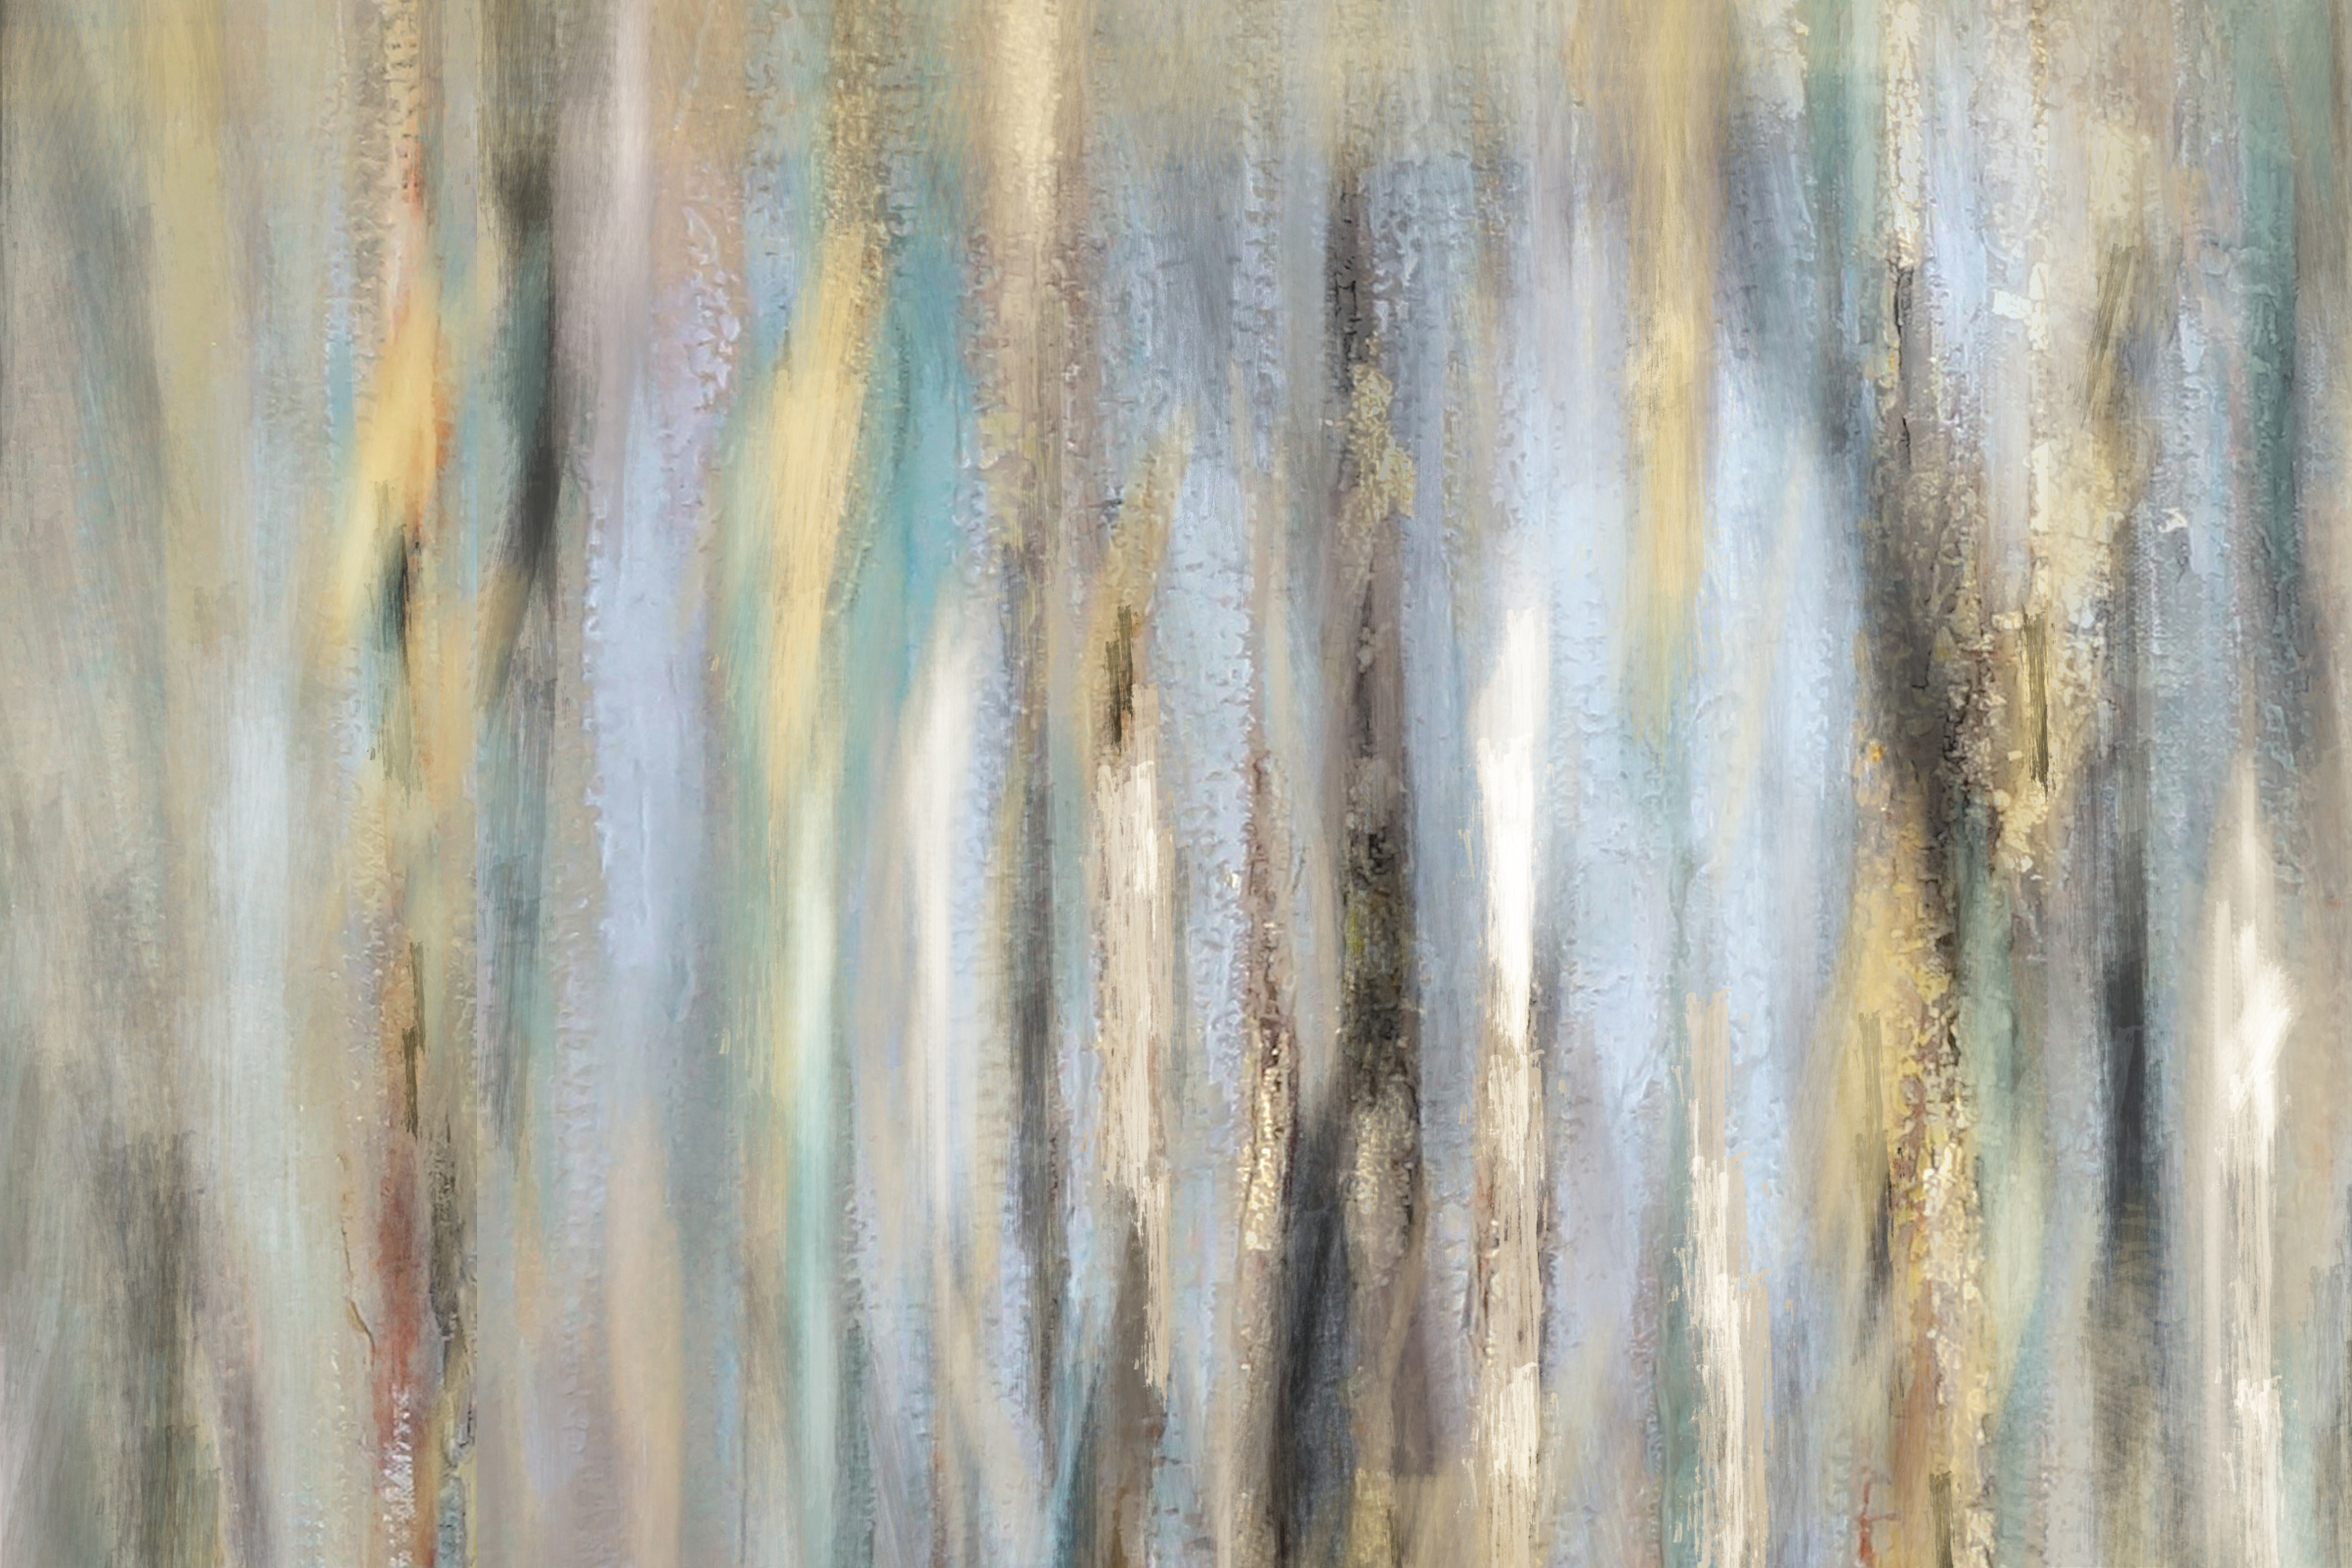 Kunstwerk Le Duc abstract schilderij EA-LD01